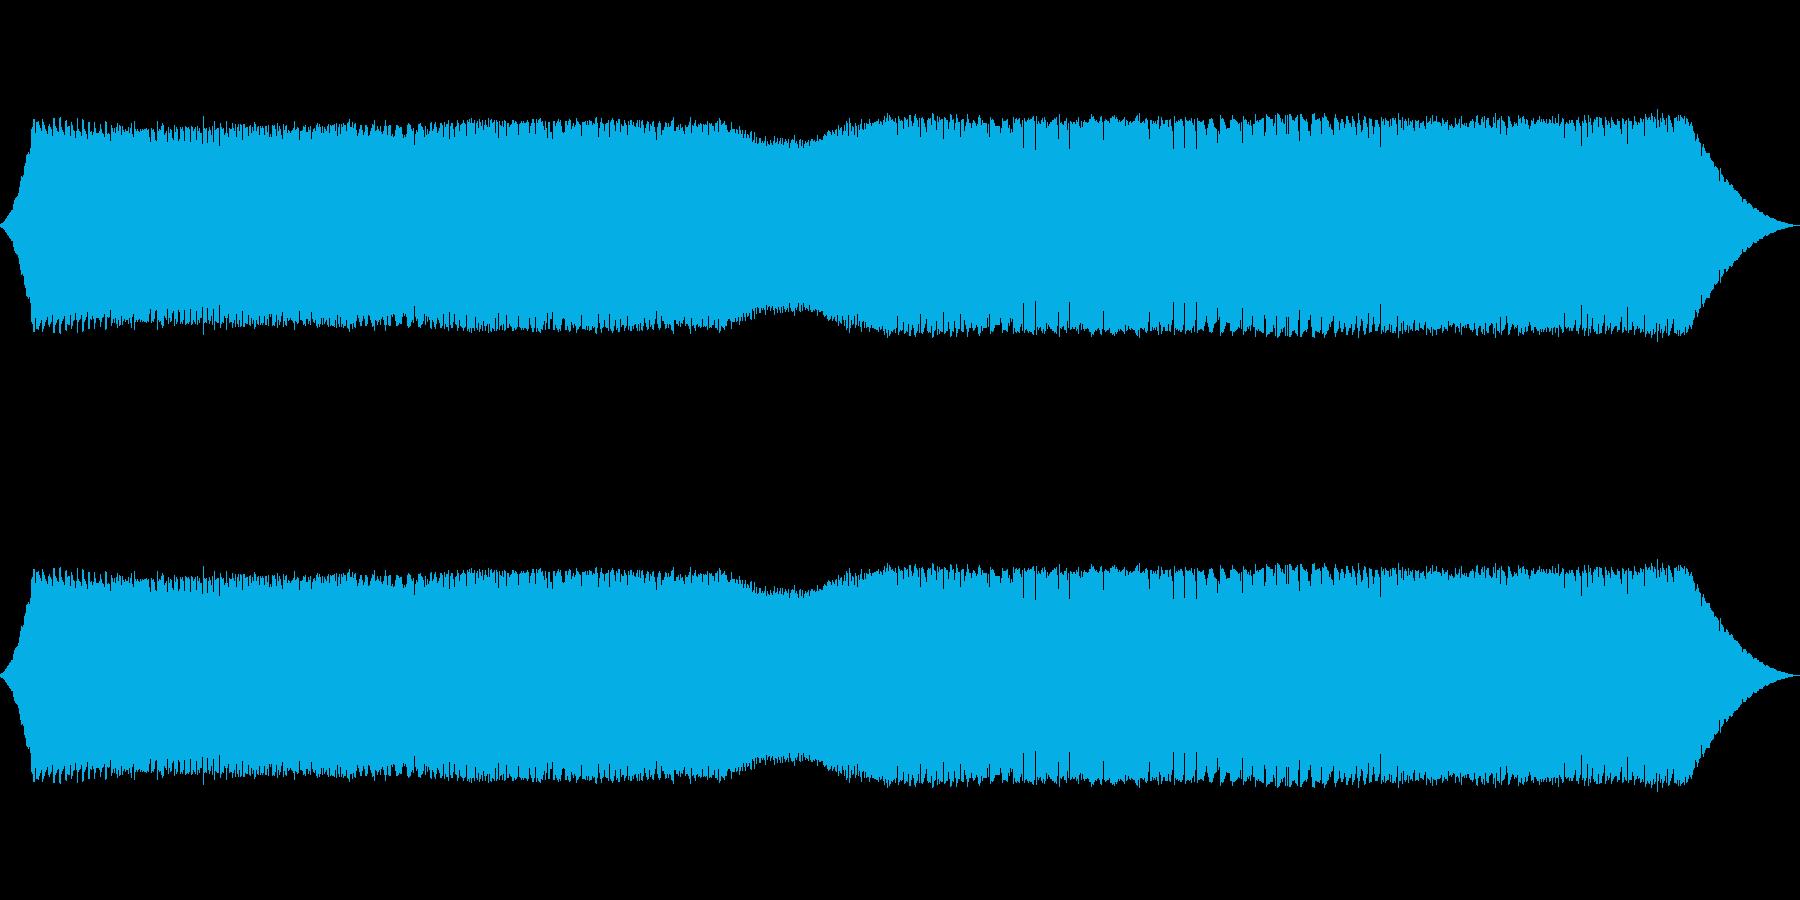 変化する銃声音の再生済みの波形